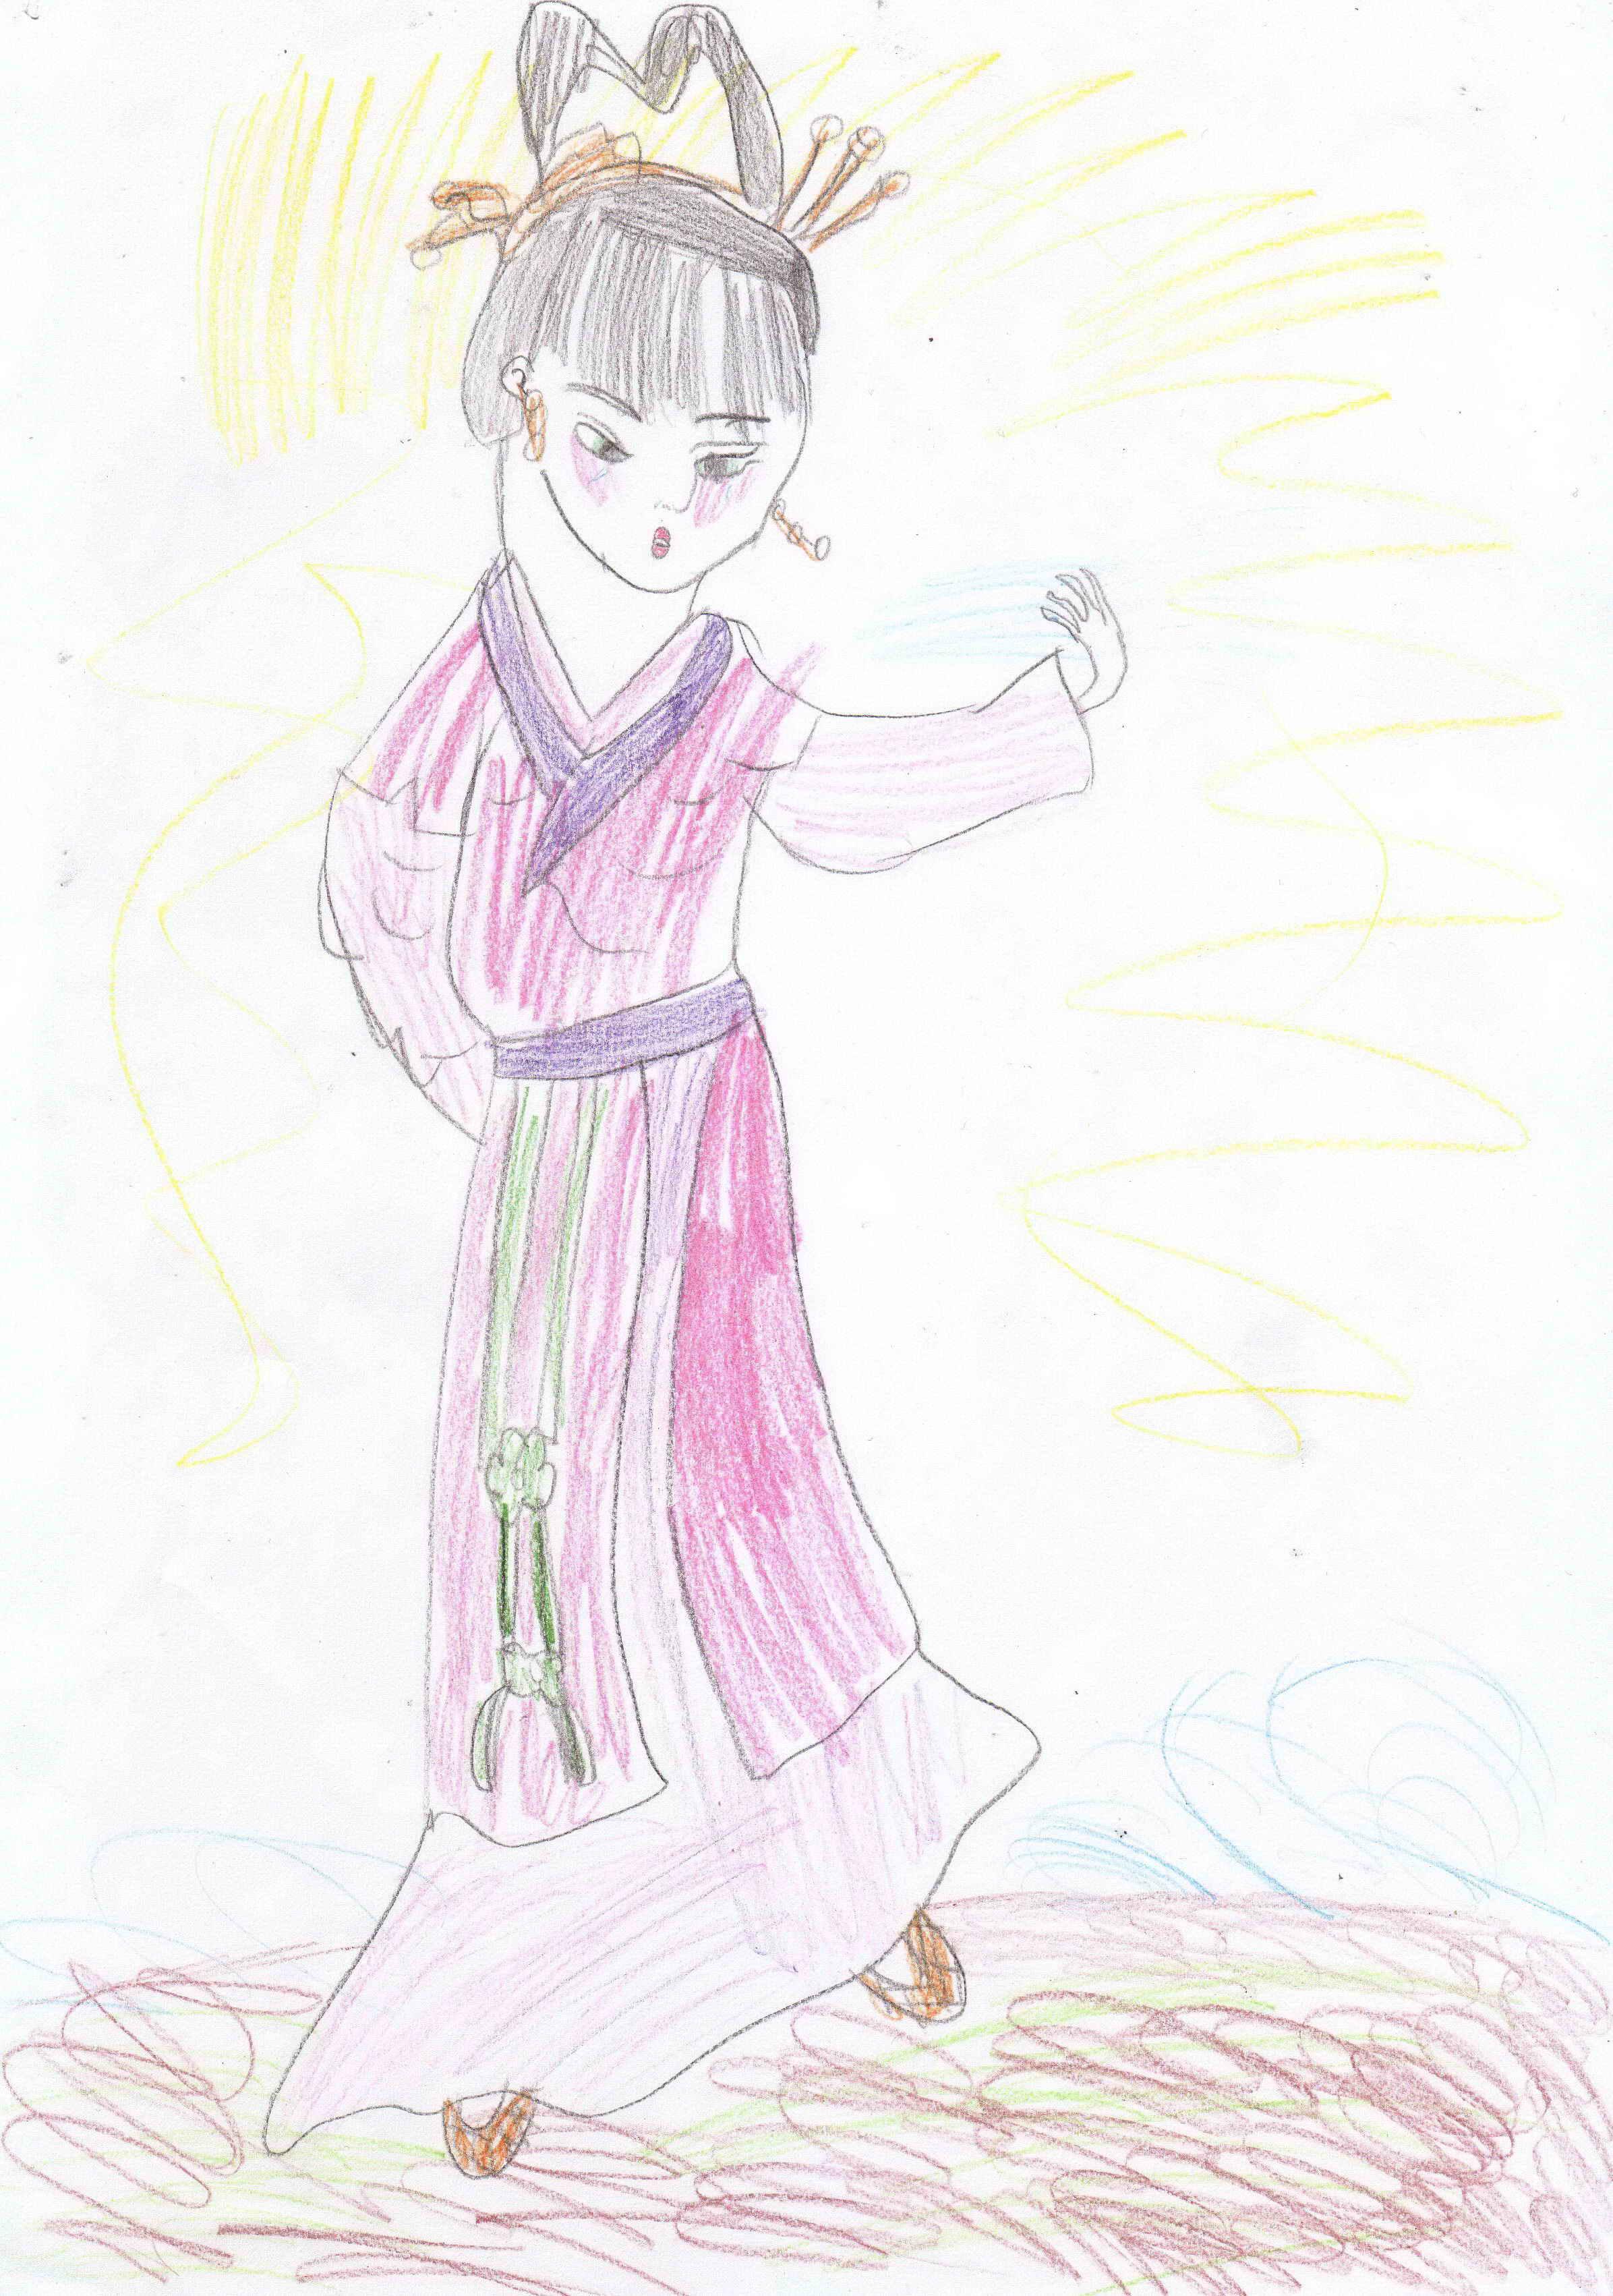 Конкурс детского рисунка с ВООБРАЖАЛКИНЫМ. Конкурс детского рисунка с ВООБРАЖАЛКИНЫМ